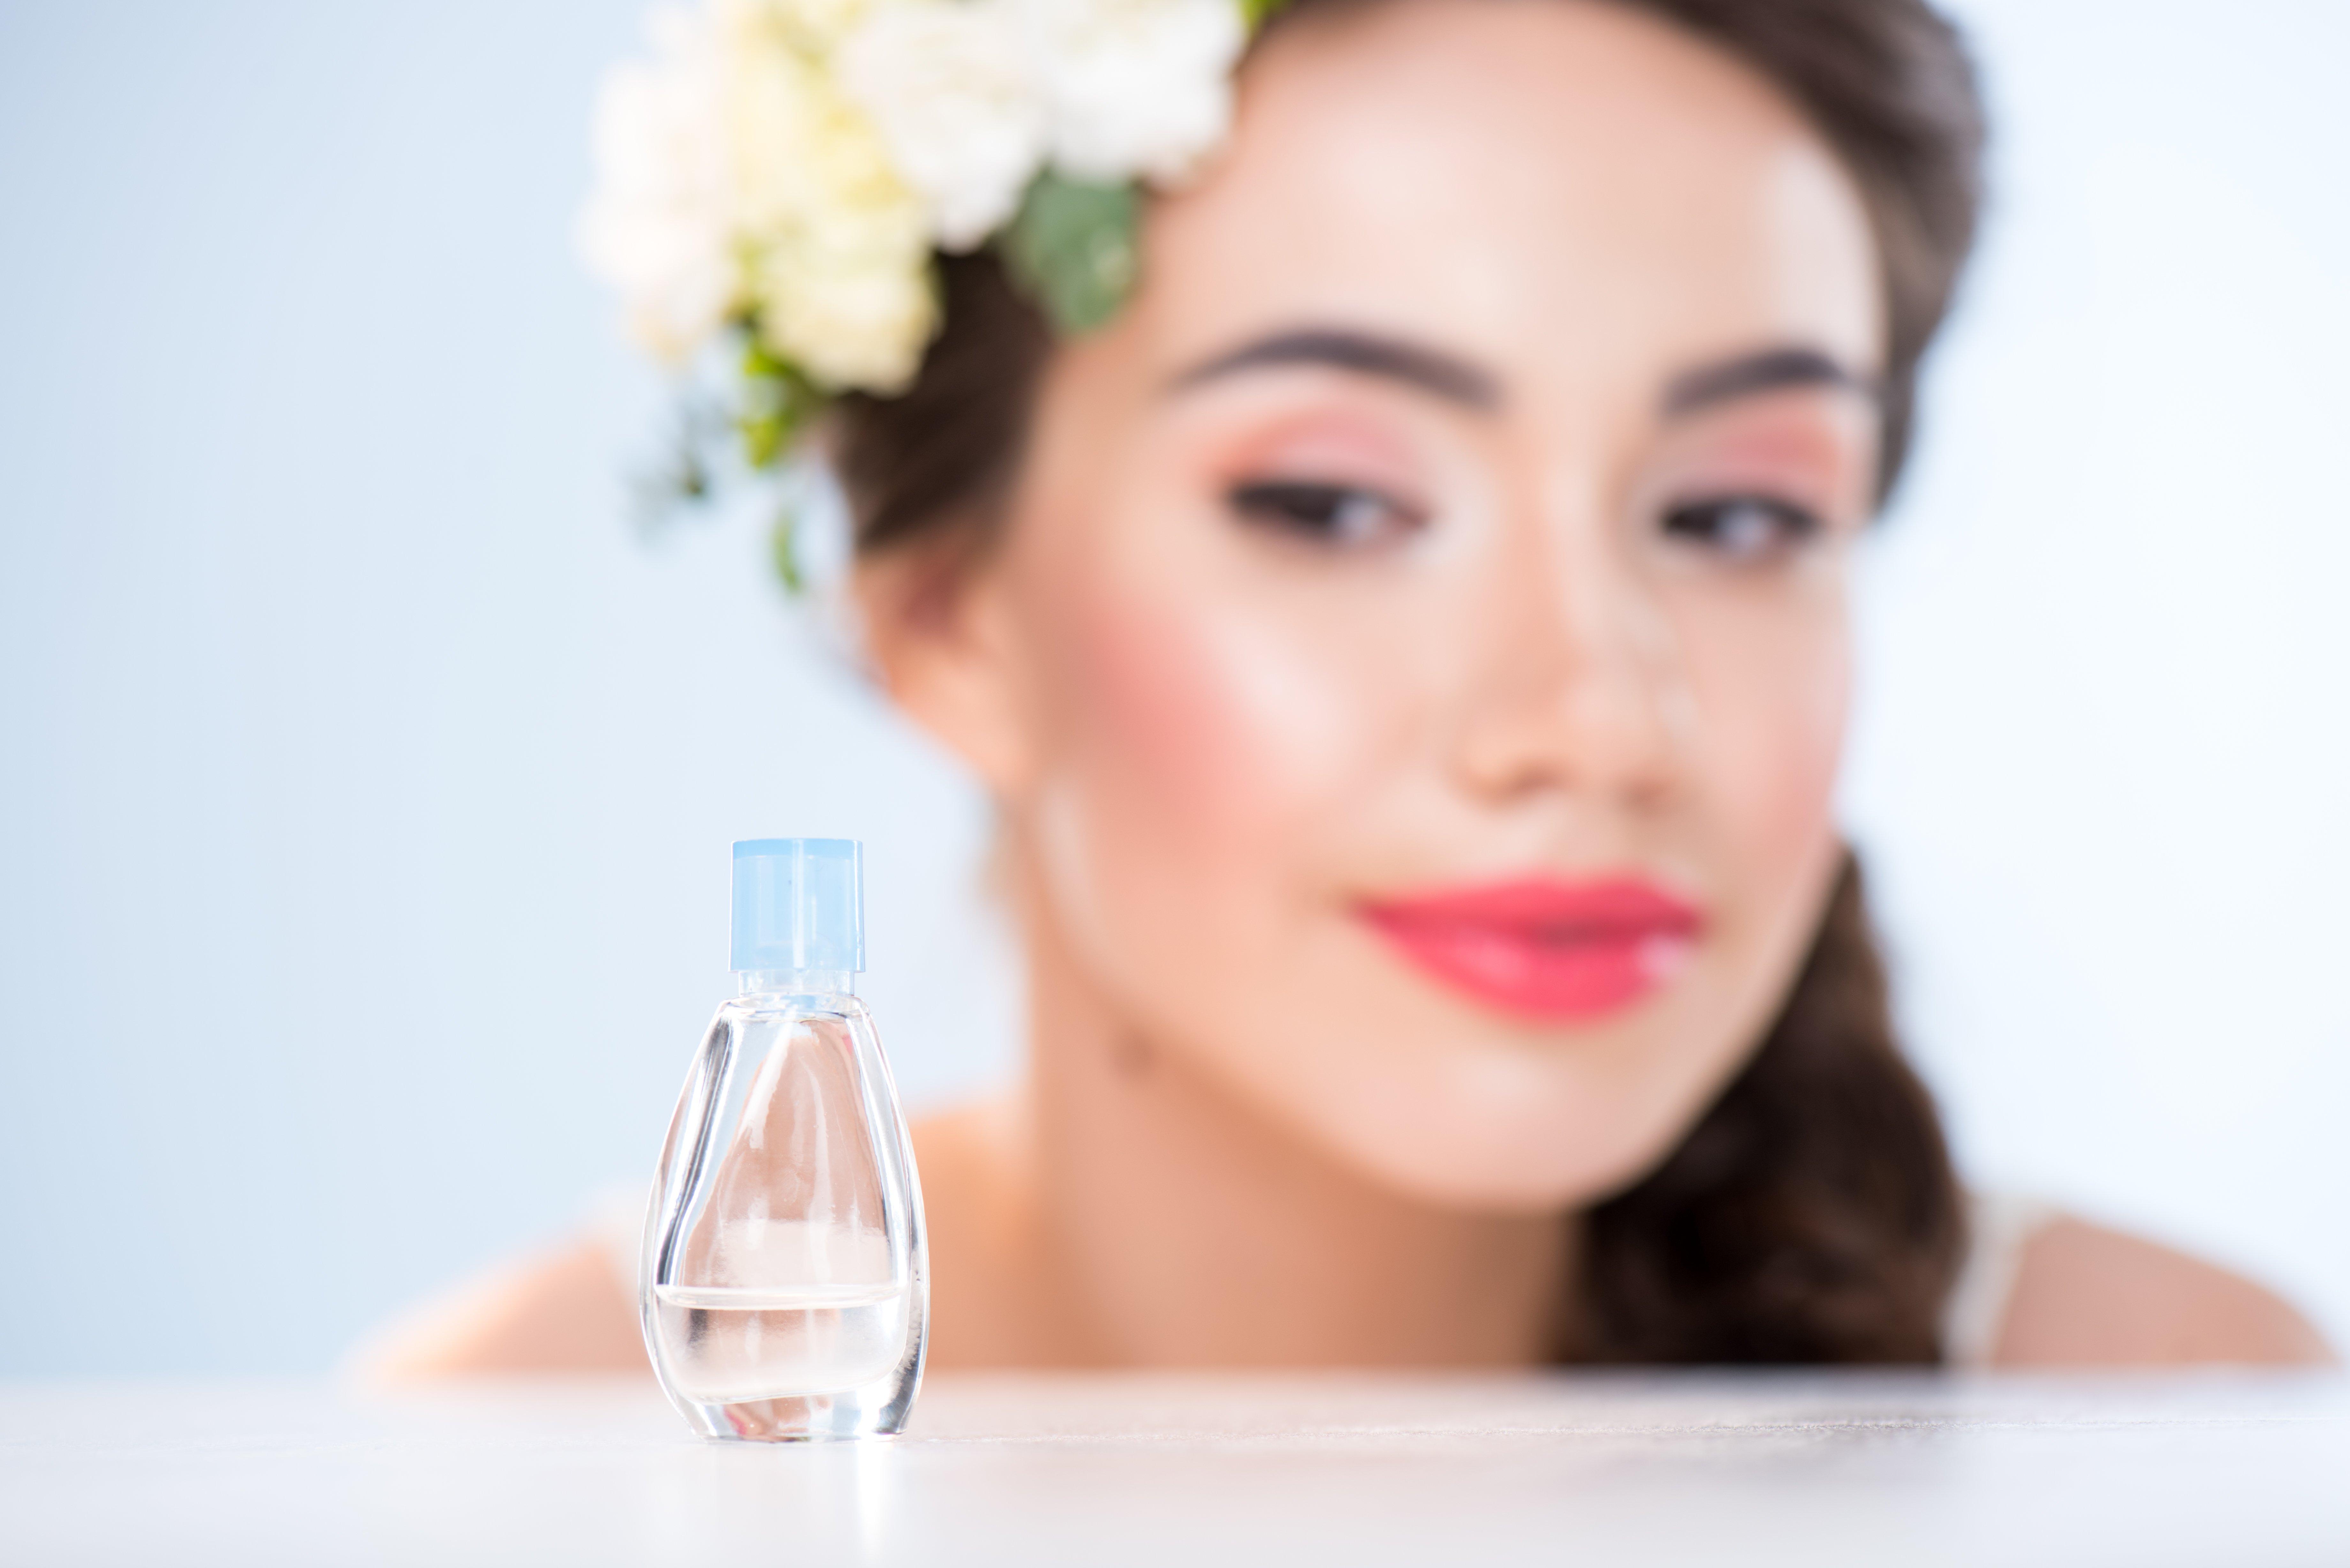 8 najciekawszych faktów o perfumach